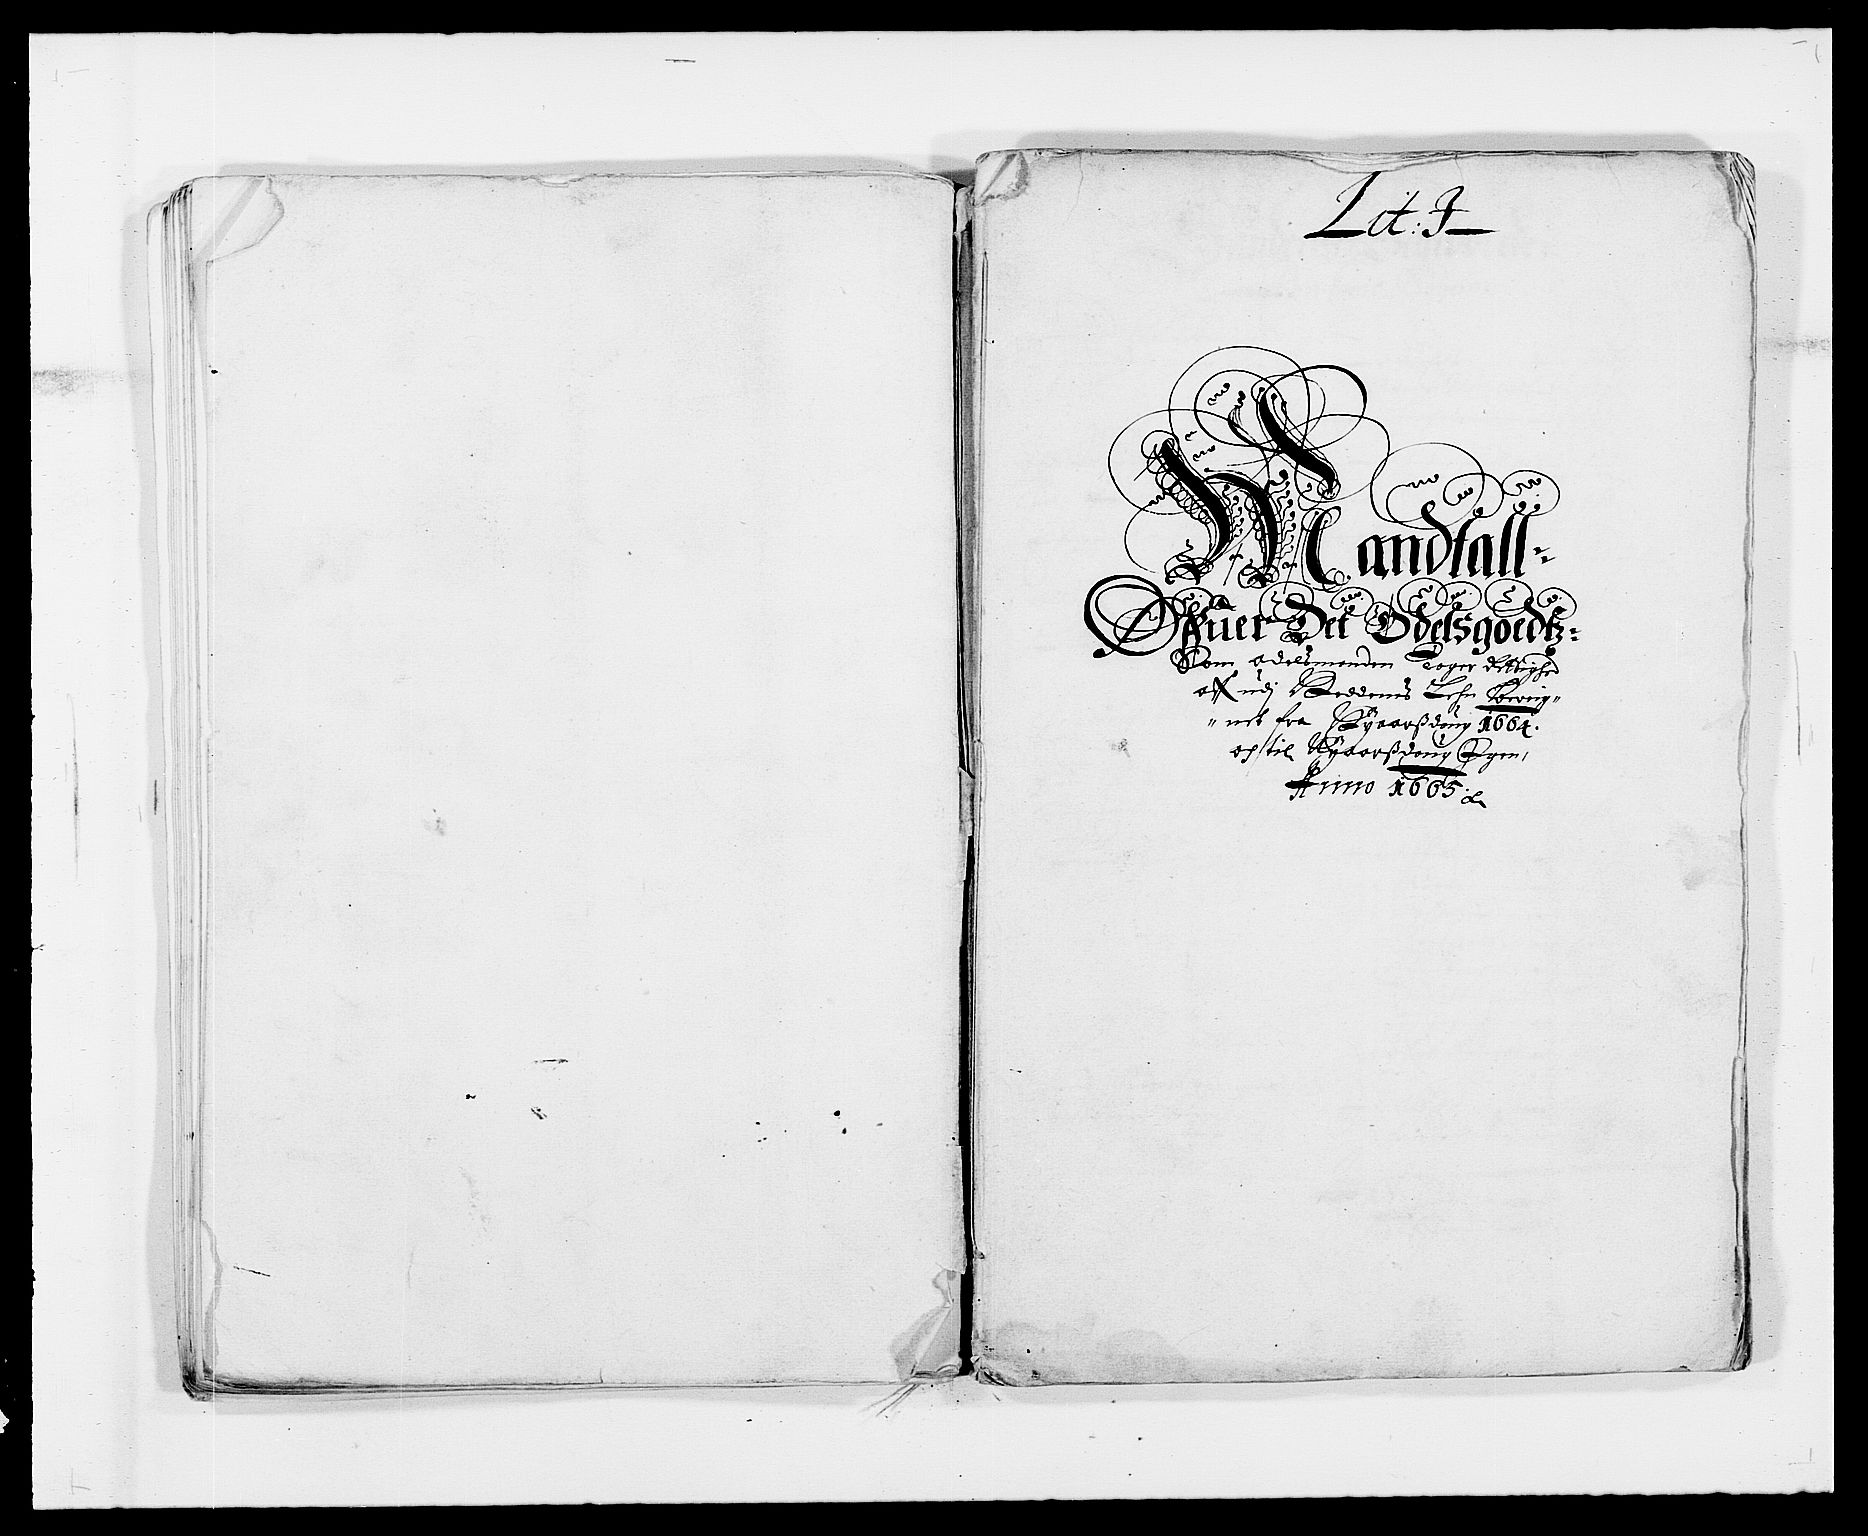 RA, Rentekammeret inntil 1814, Reviderte regnskaper, Fogderegnskap, R39/L2296: Fogderegnskap Nedenes, 1664-1666, s. 132